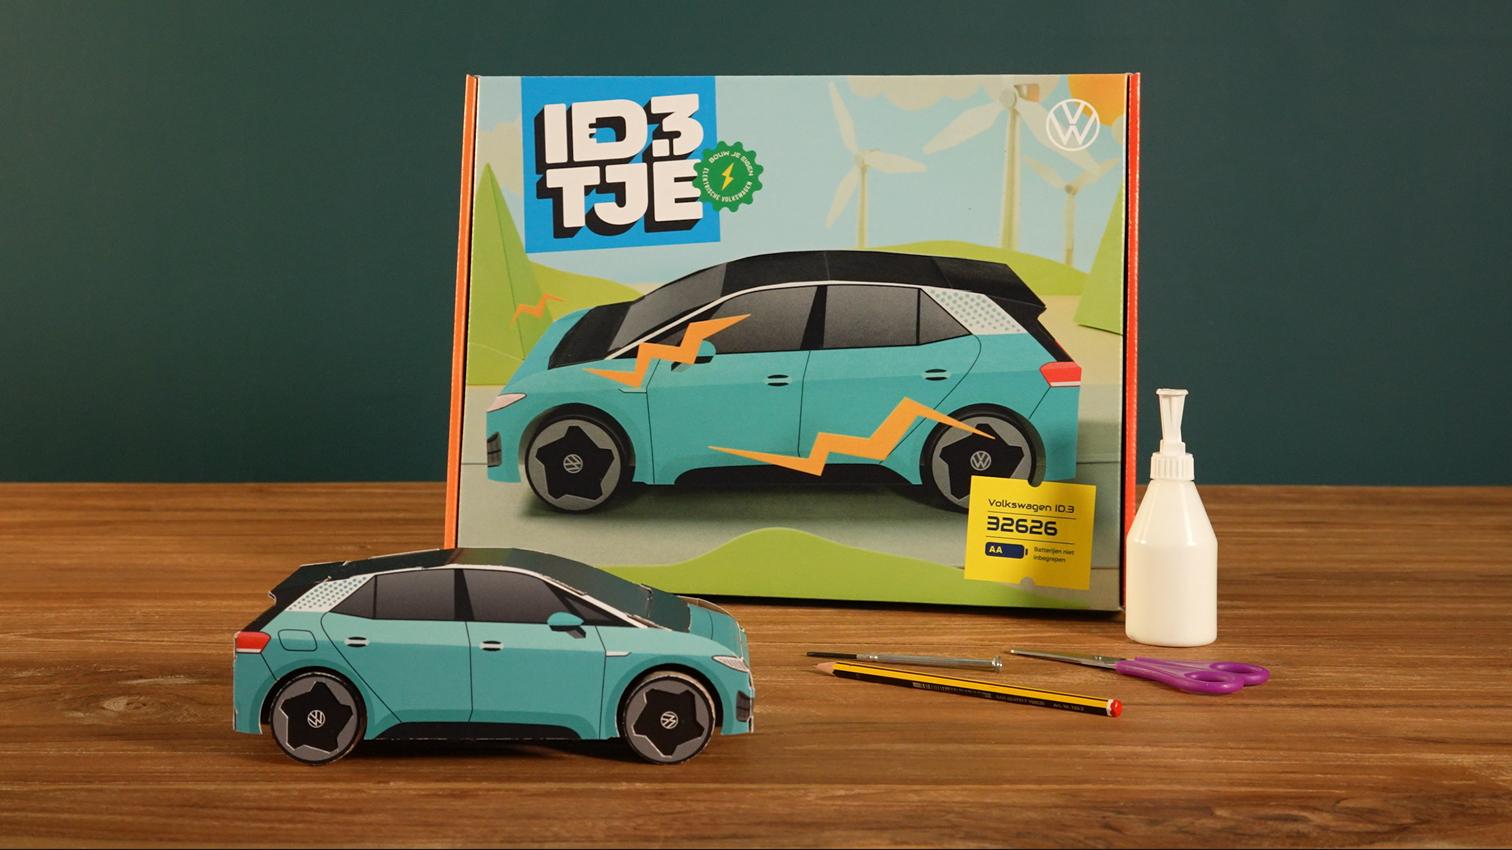 Gratis ID3'tje bij Volkswagen